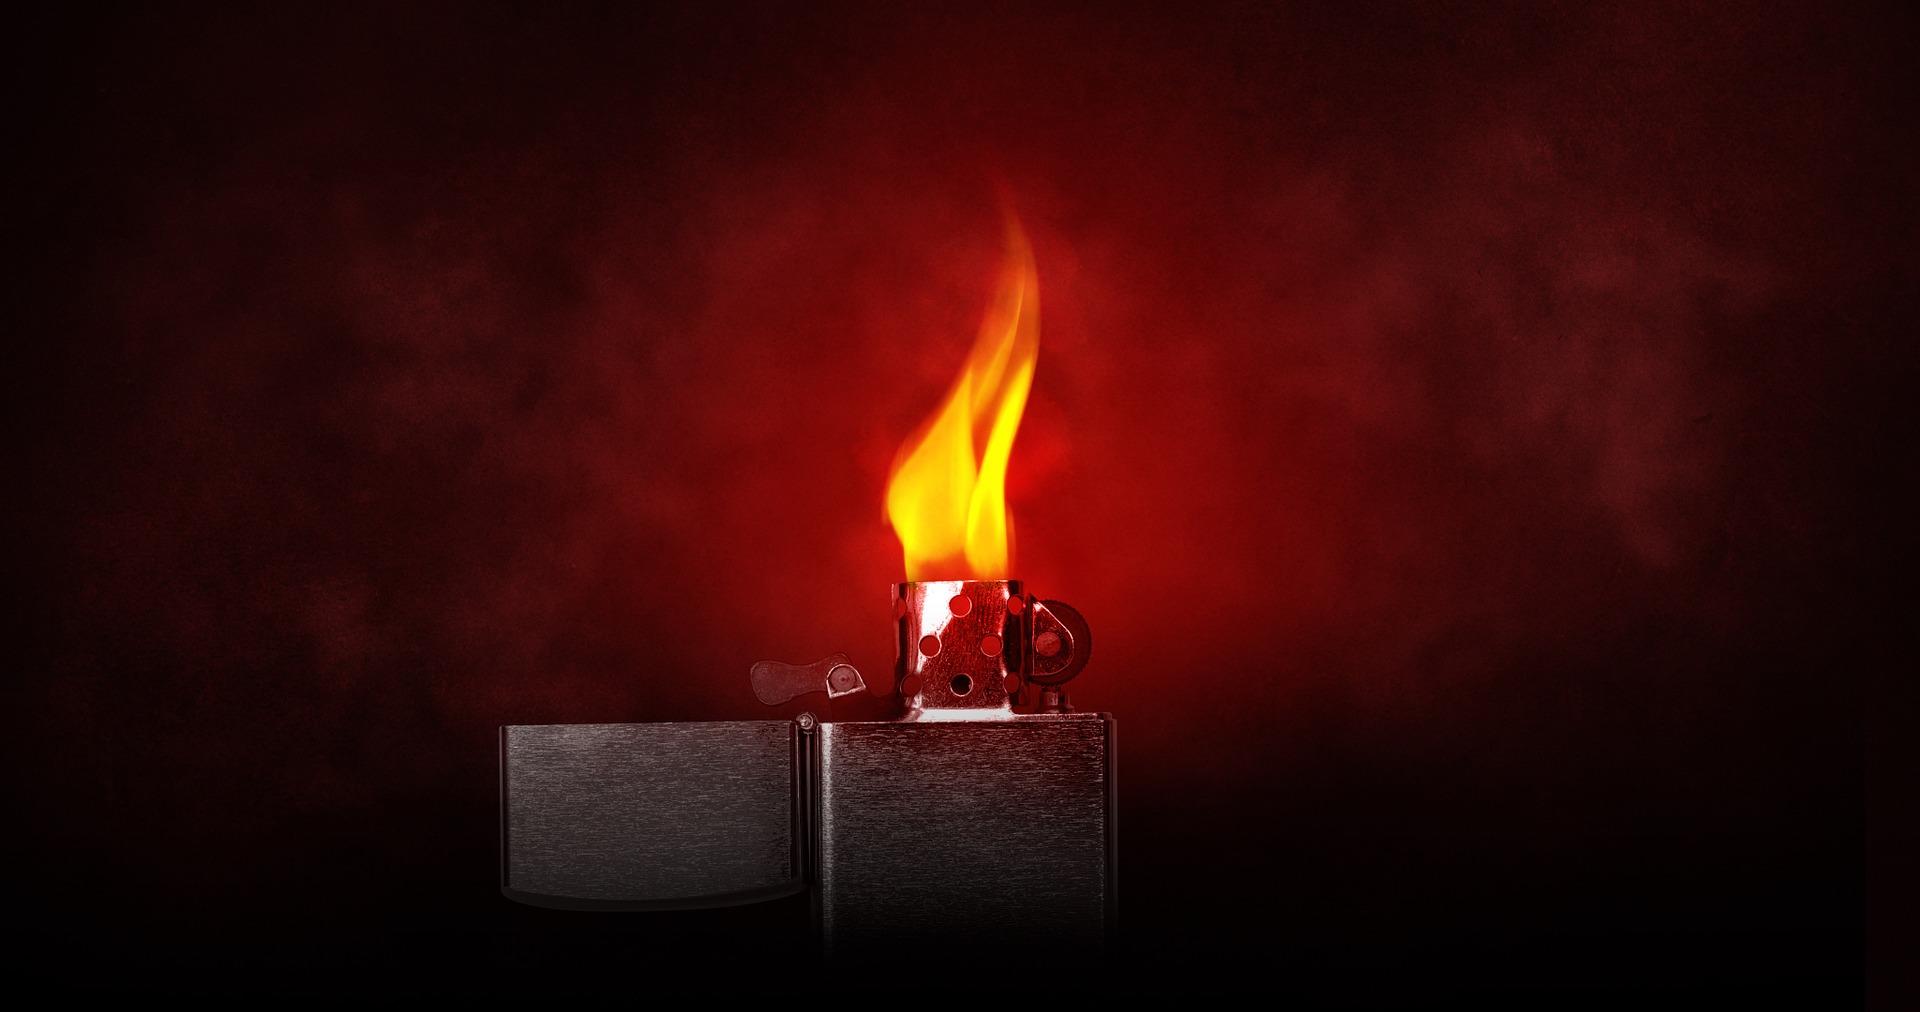 più leggero, accendisigari, chiamato, fuoco, calore, Zippo - Sfondi HD - Professor-falken.com